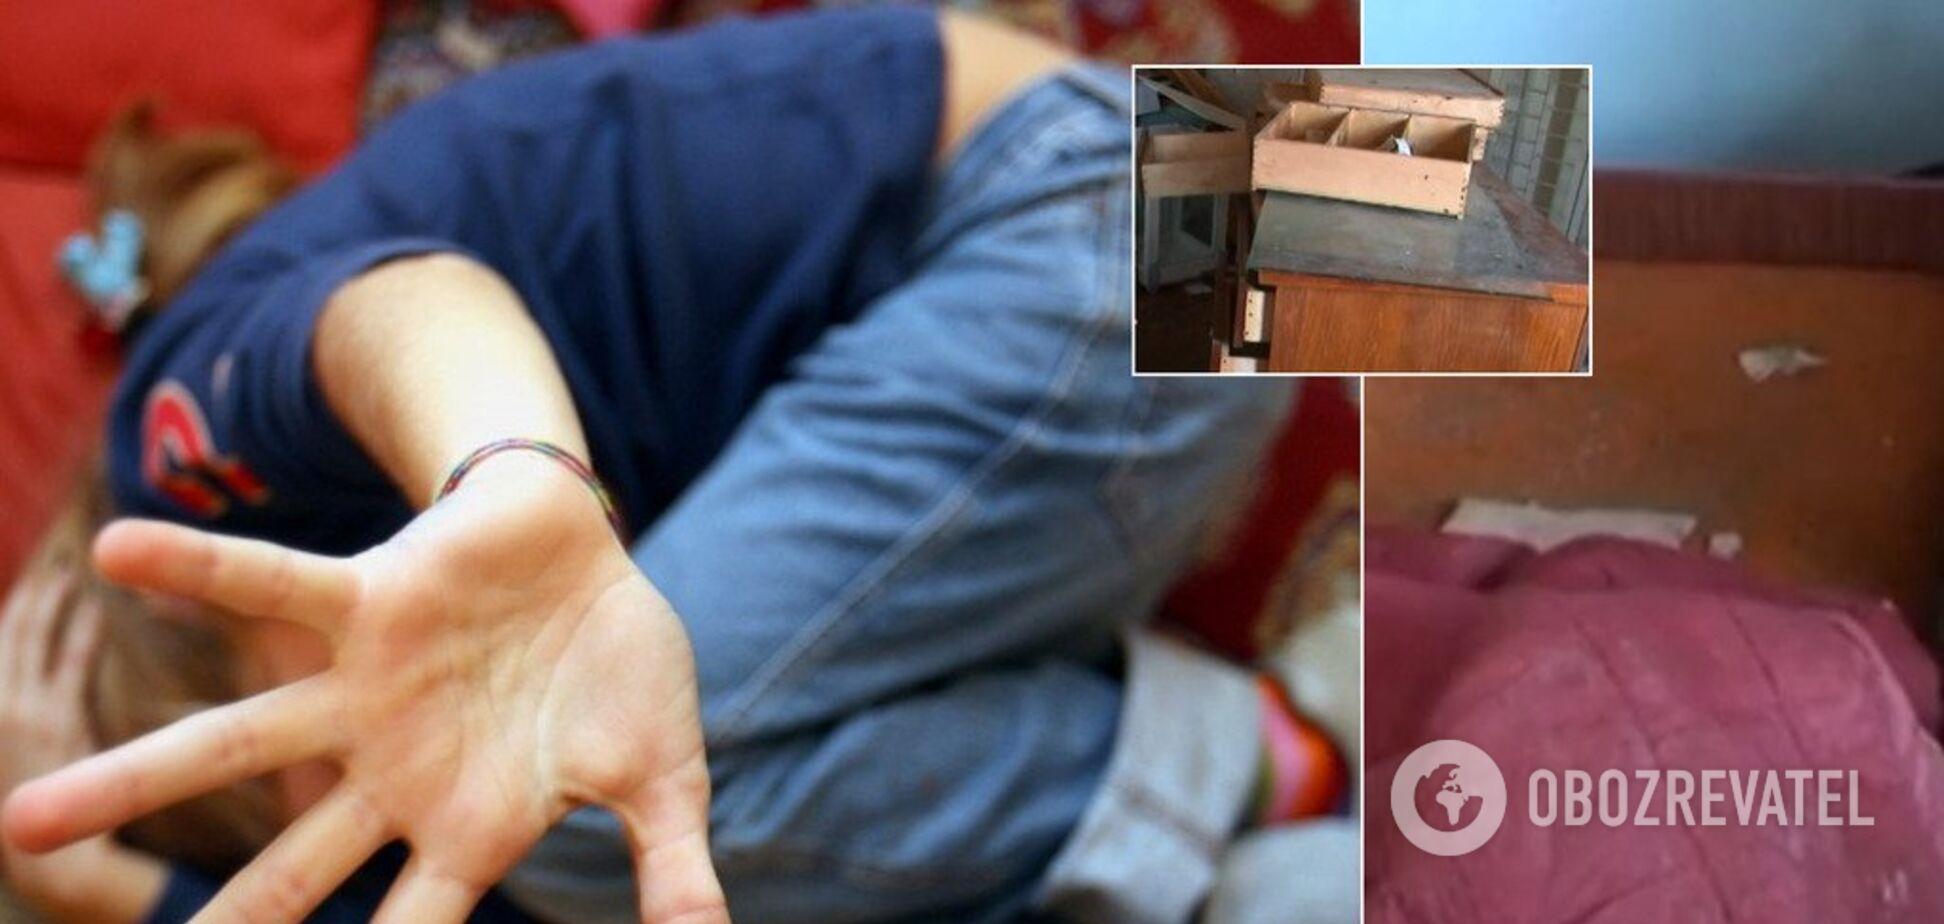 Заманили и изнасиловали: подробности издевательств подростков над 6-летним мальчиком под Харьковом